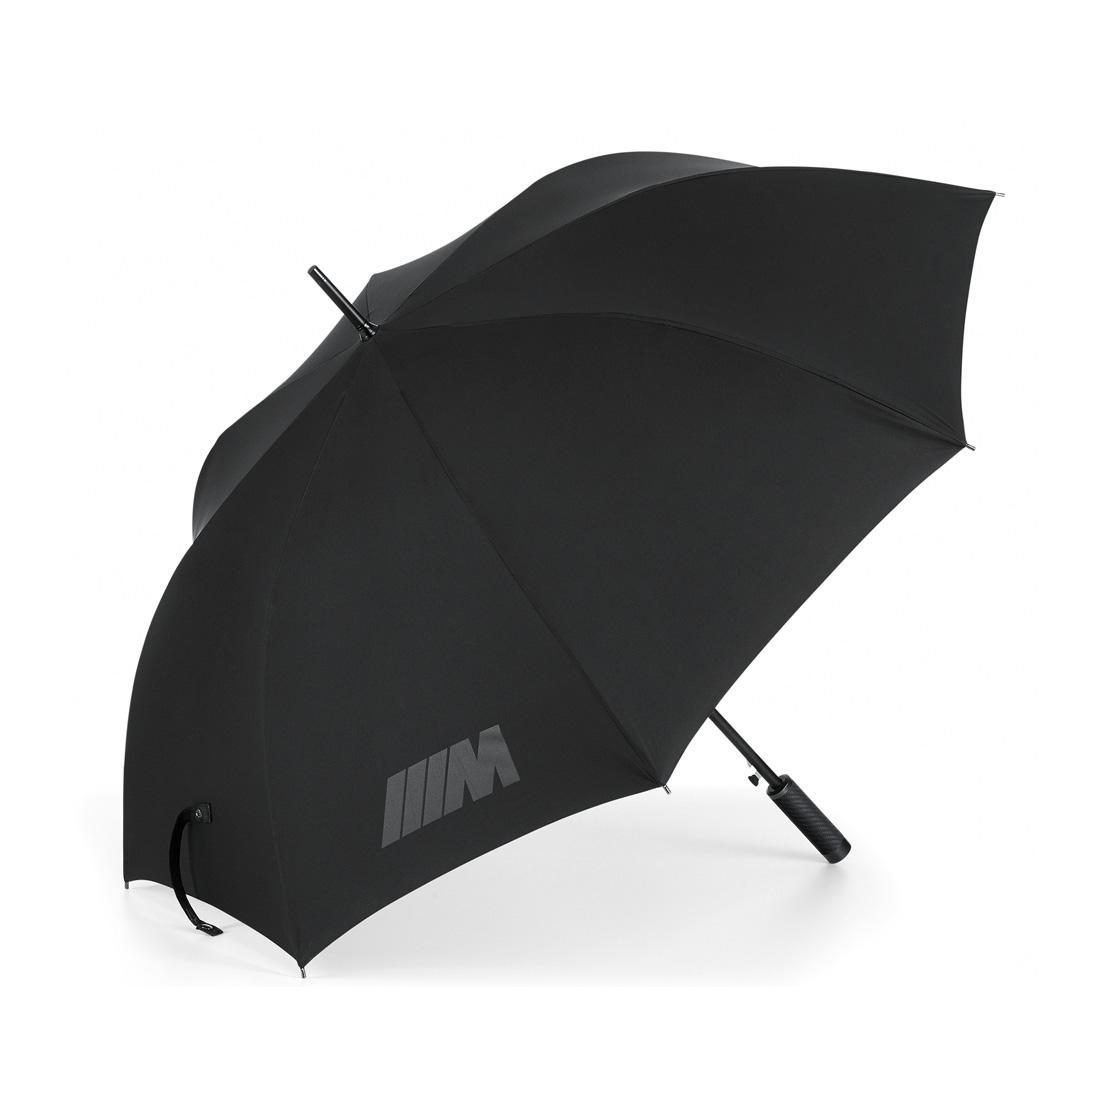 BMW M Umbrella